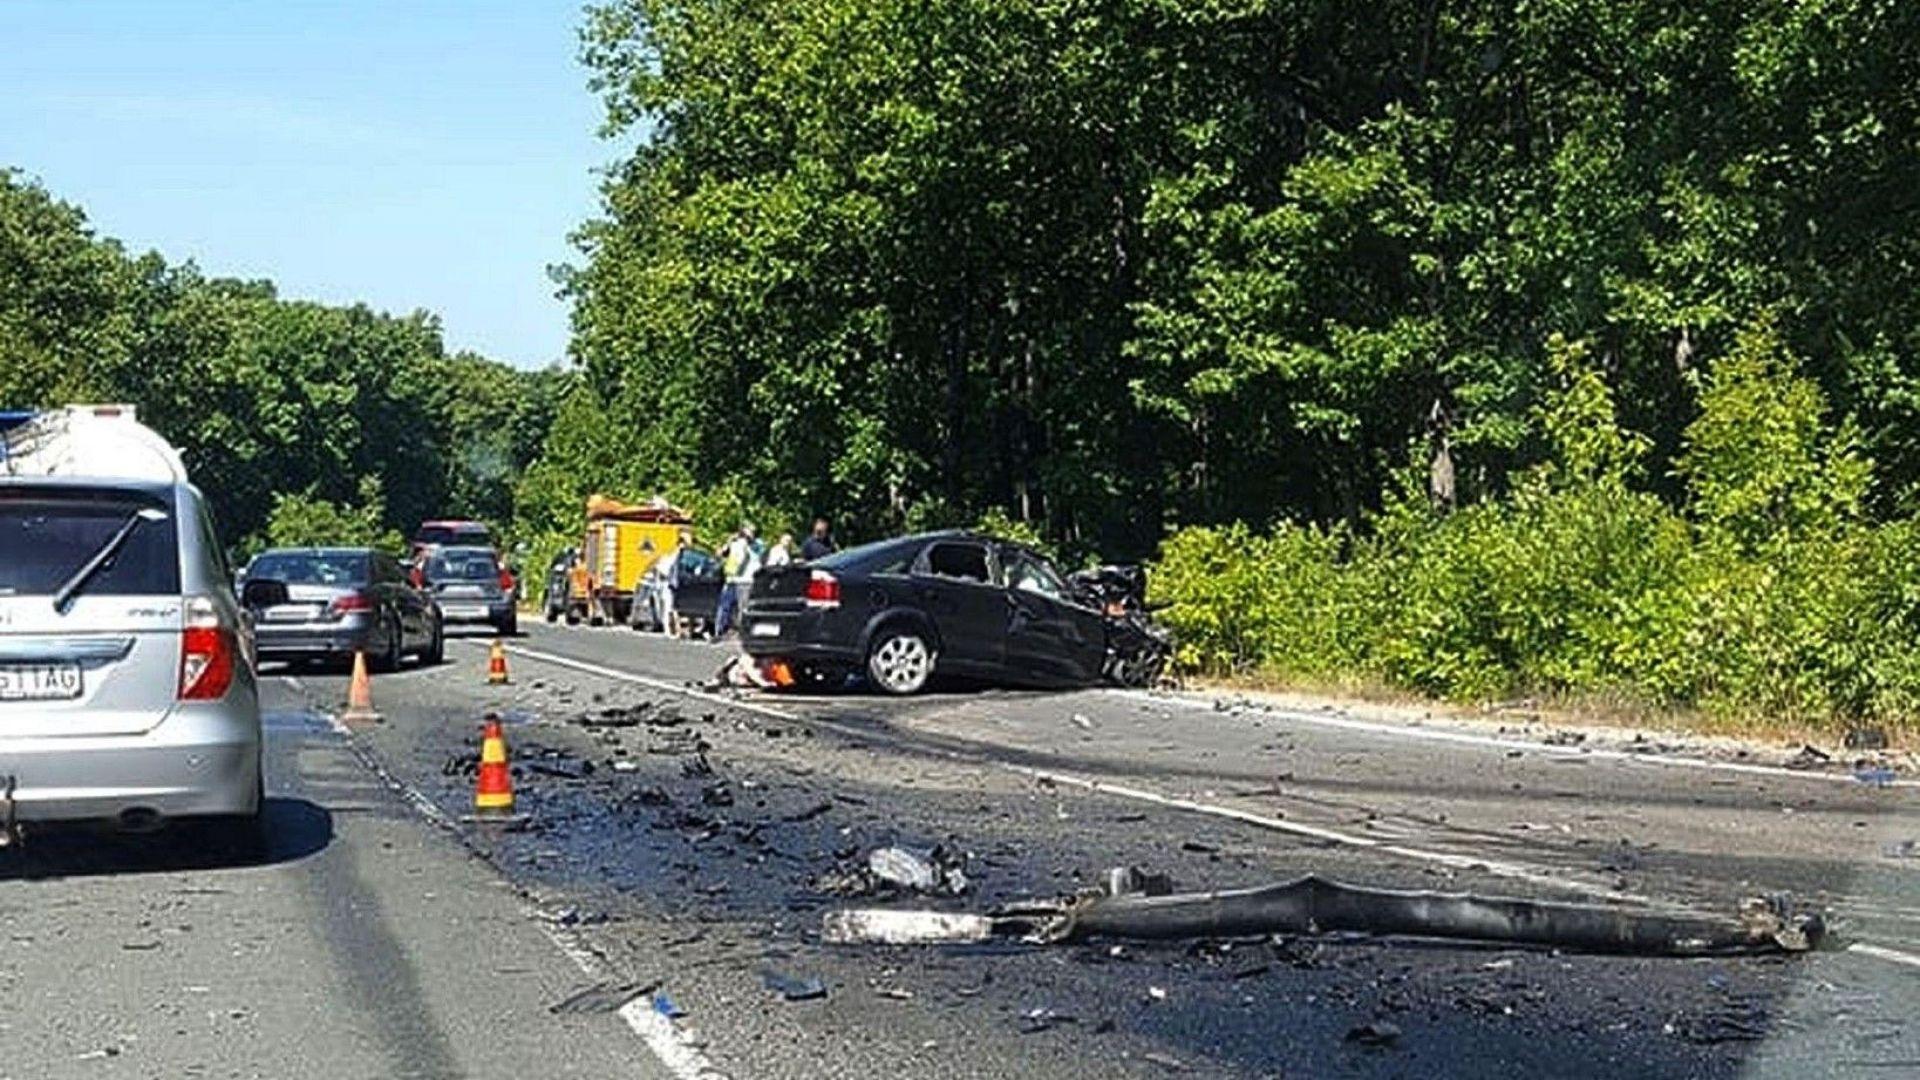 Възстановено е движението по пътя Варна-Бургас, освен детето и жената почина и водачът на лекия автомобил